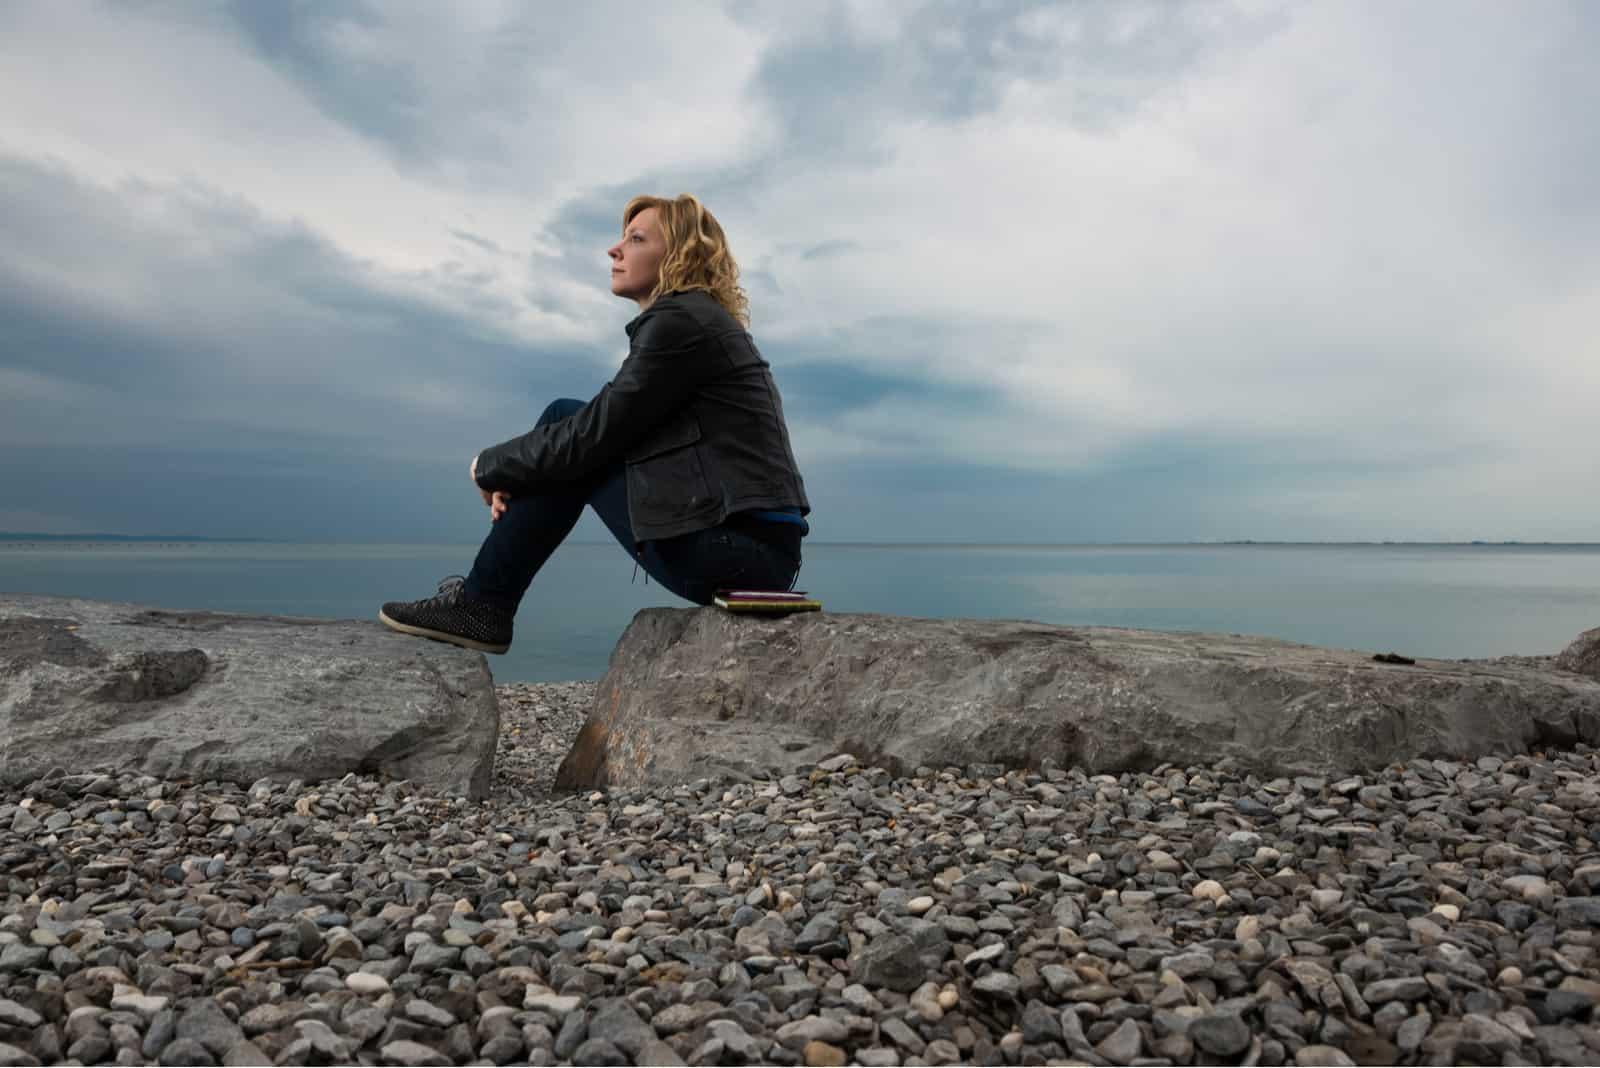 femme rêvant sur la plage